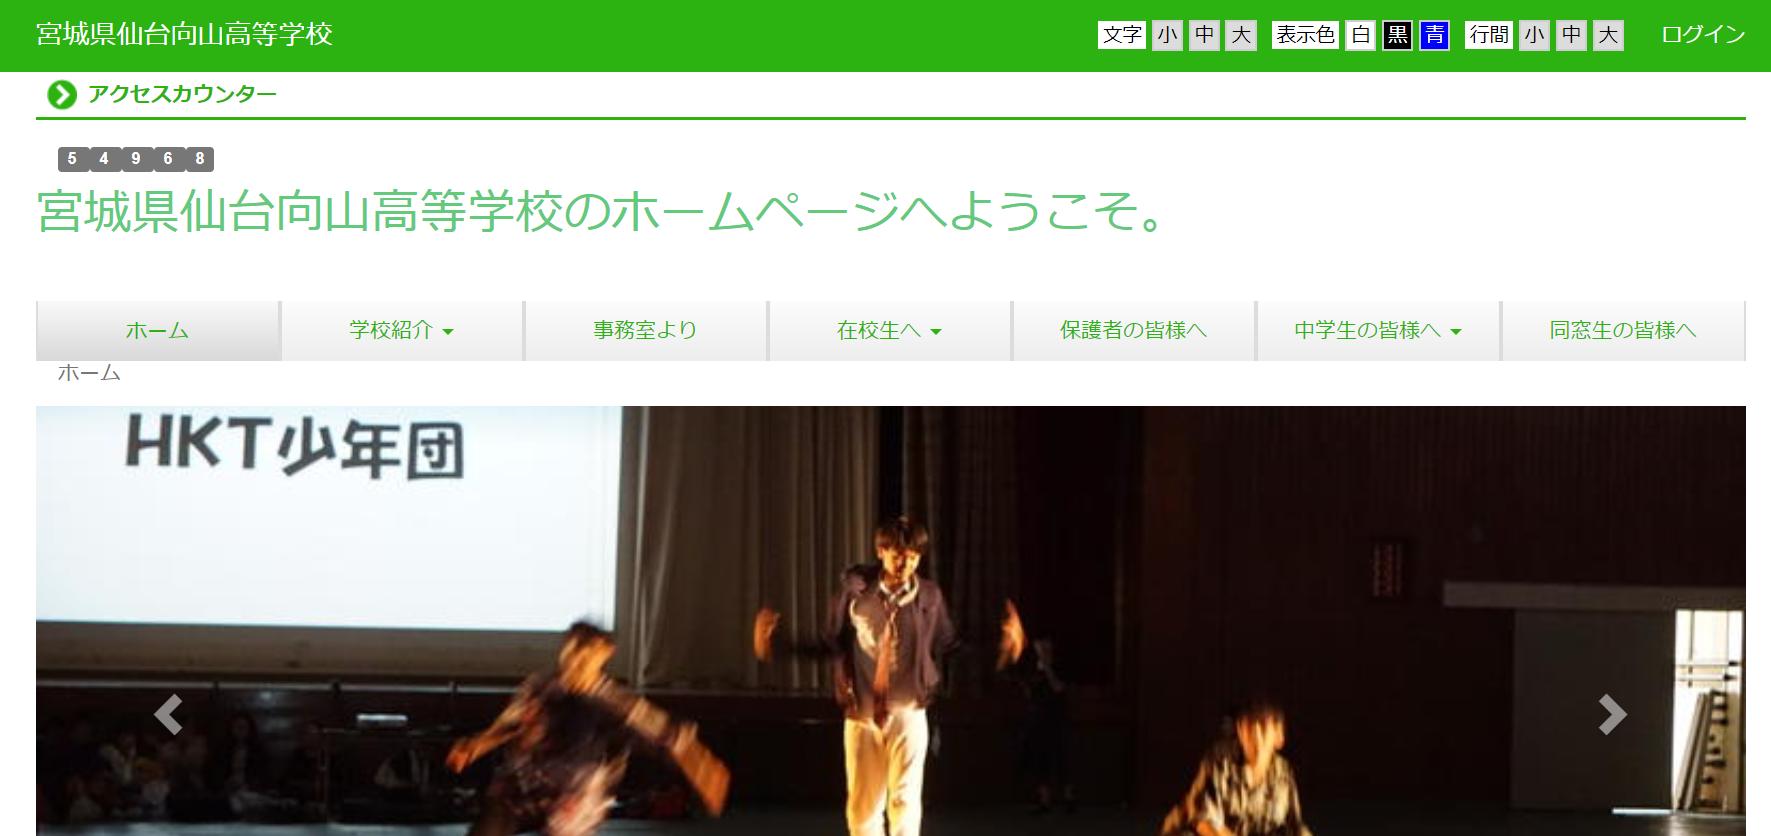 仙台向山高校の口コミ・評判